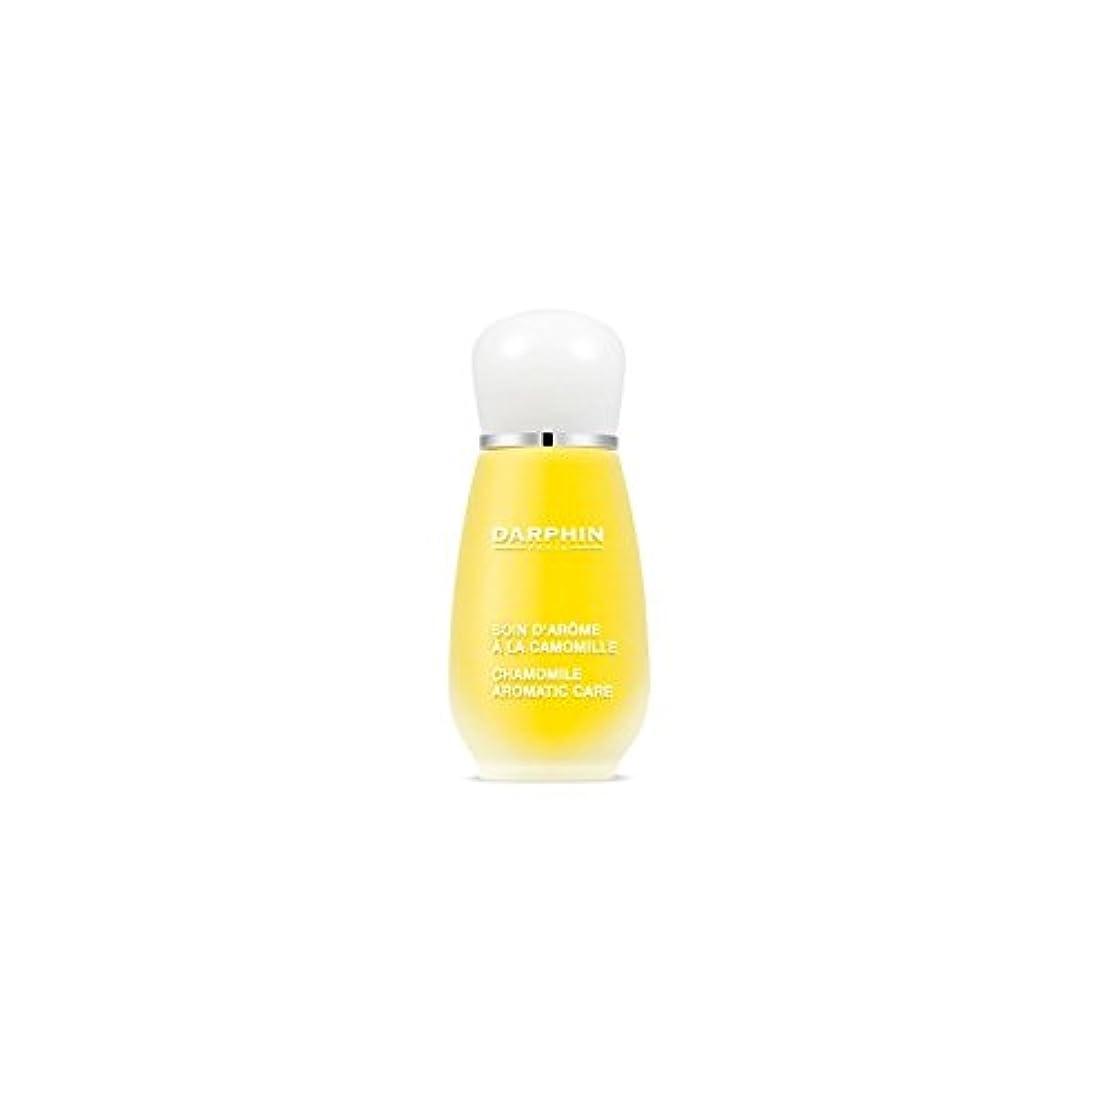 ピービッシュワイン特異なダルファンカモミール芳香ケア(15ミリリットル) x2 - Darphin Chamomile Aromatic Care (15ml) (Pack of 2) [並行輸入品]